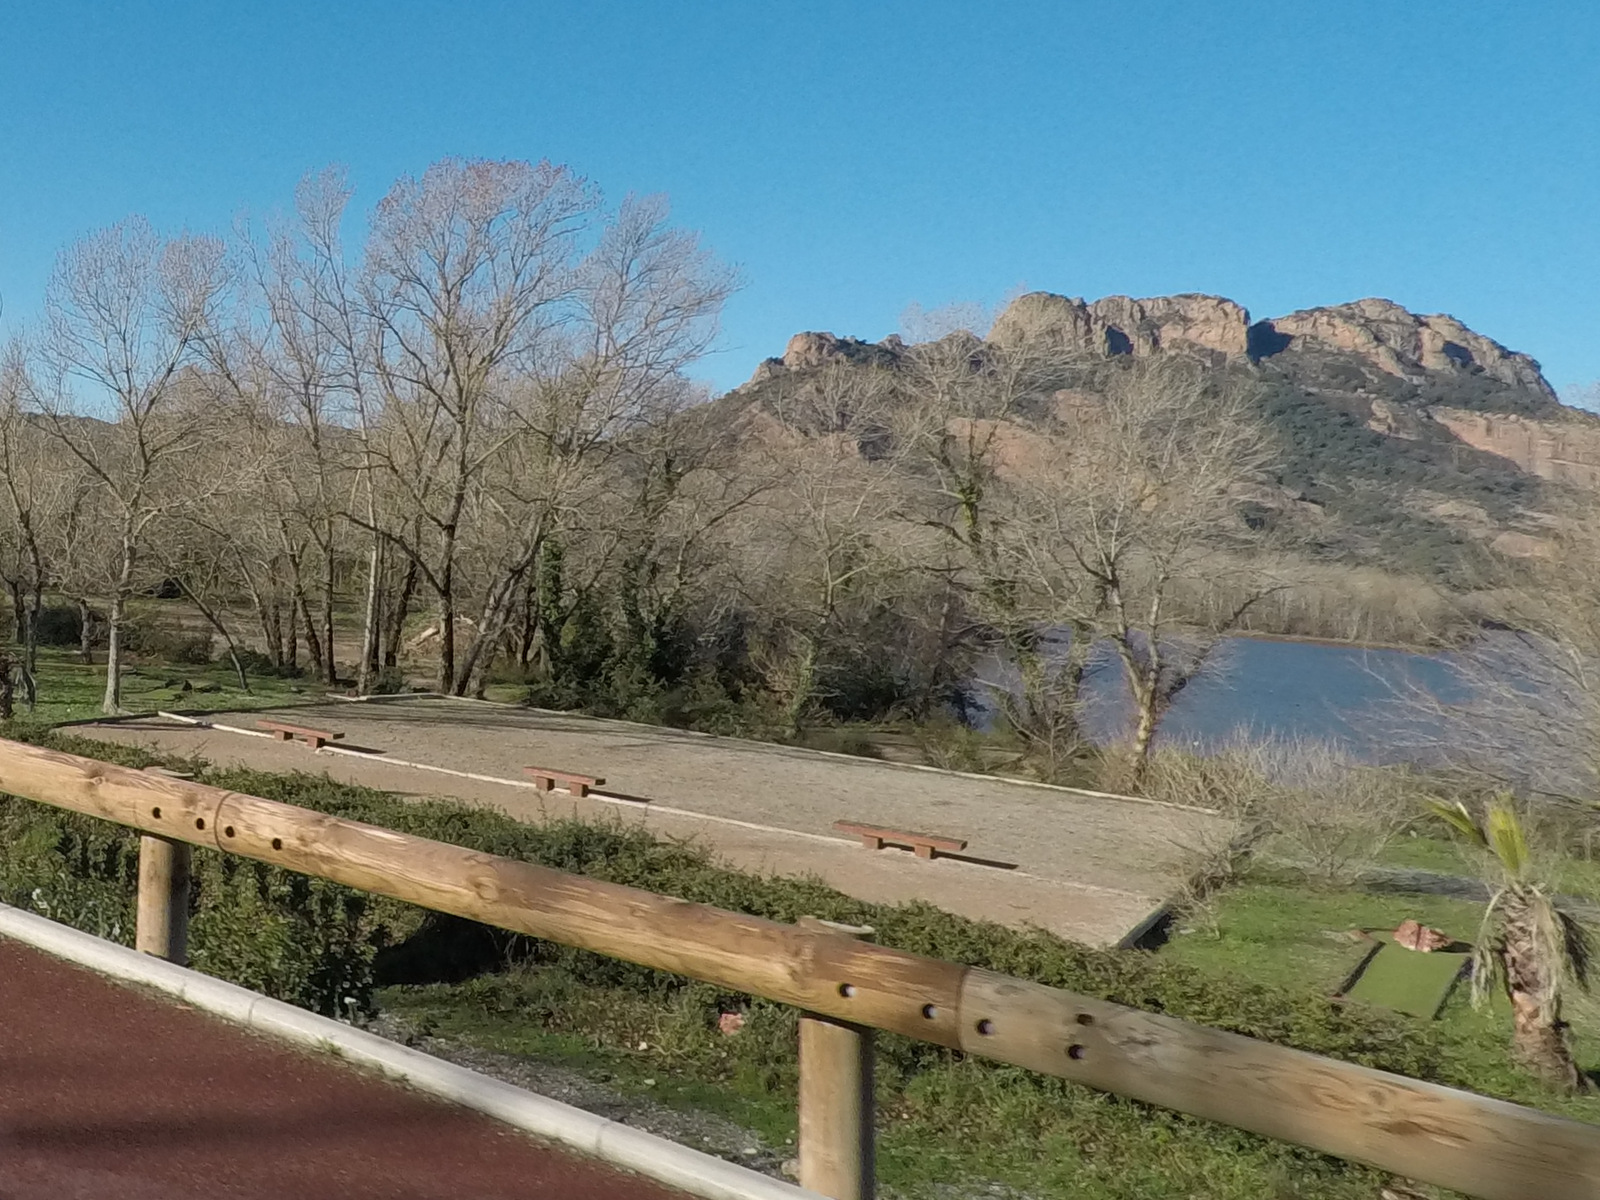 le rocher de Roquebrune et le lac de l'Arena